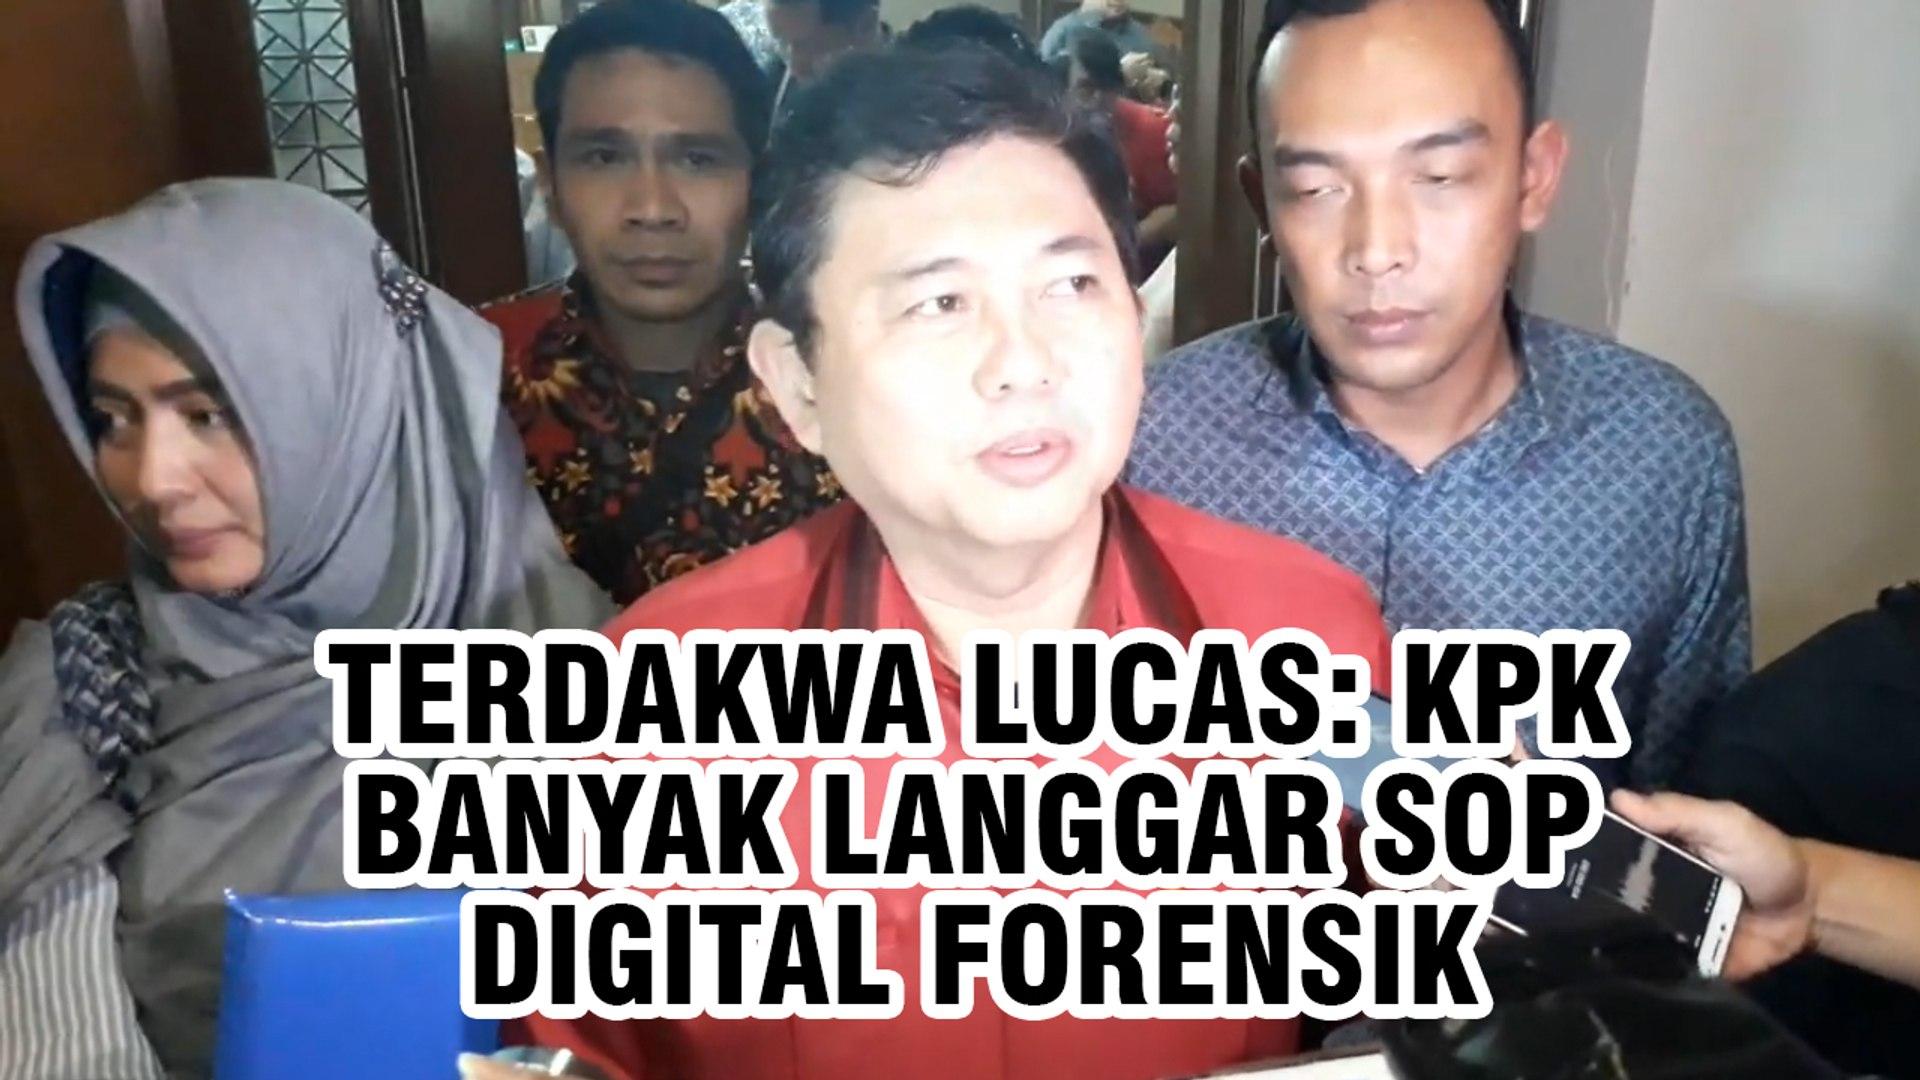 Terdakwa Lucas: KPK Banyak Langgar SOP Digital Forensik